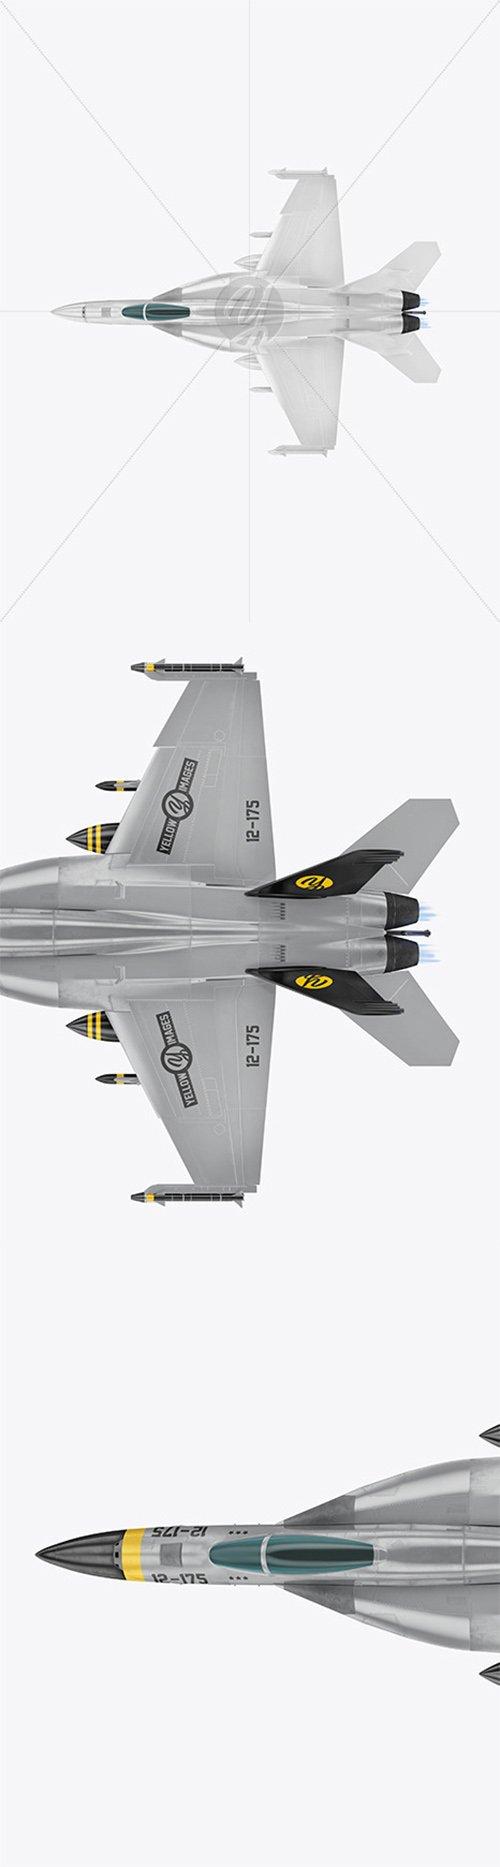 Combat Fighter - Top View 64636